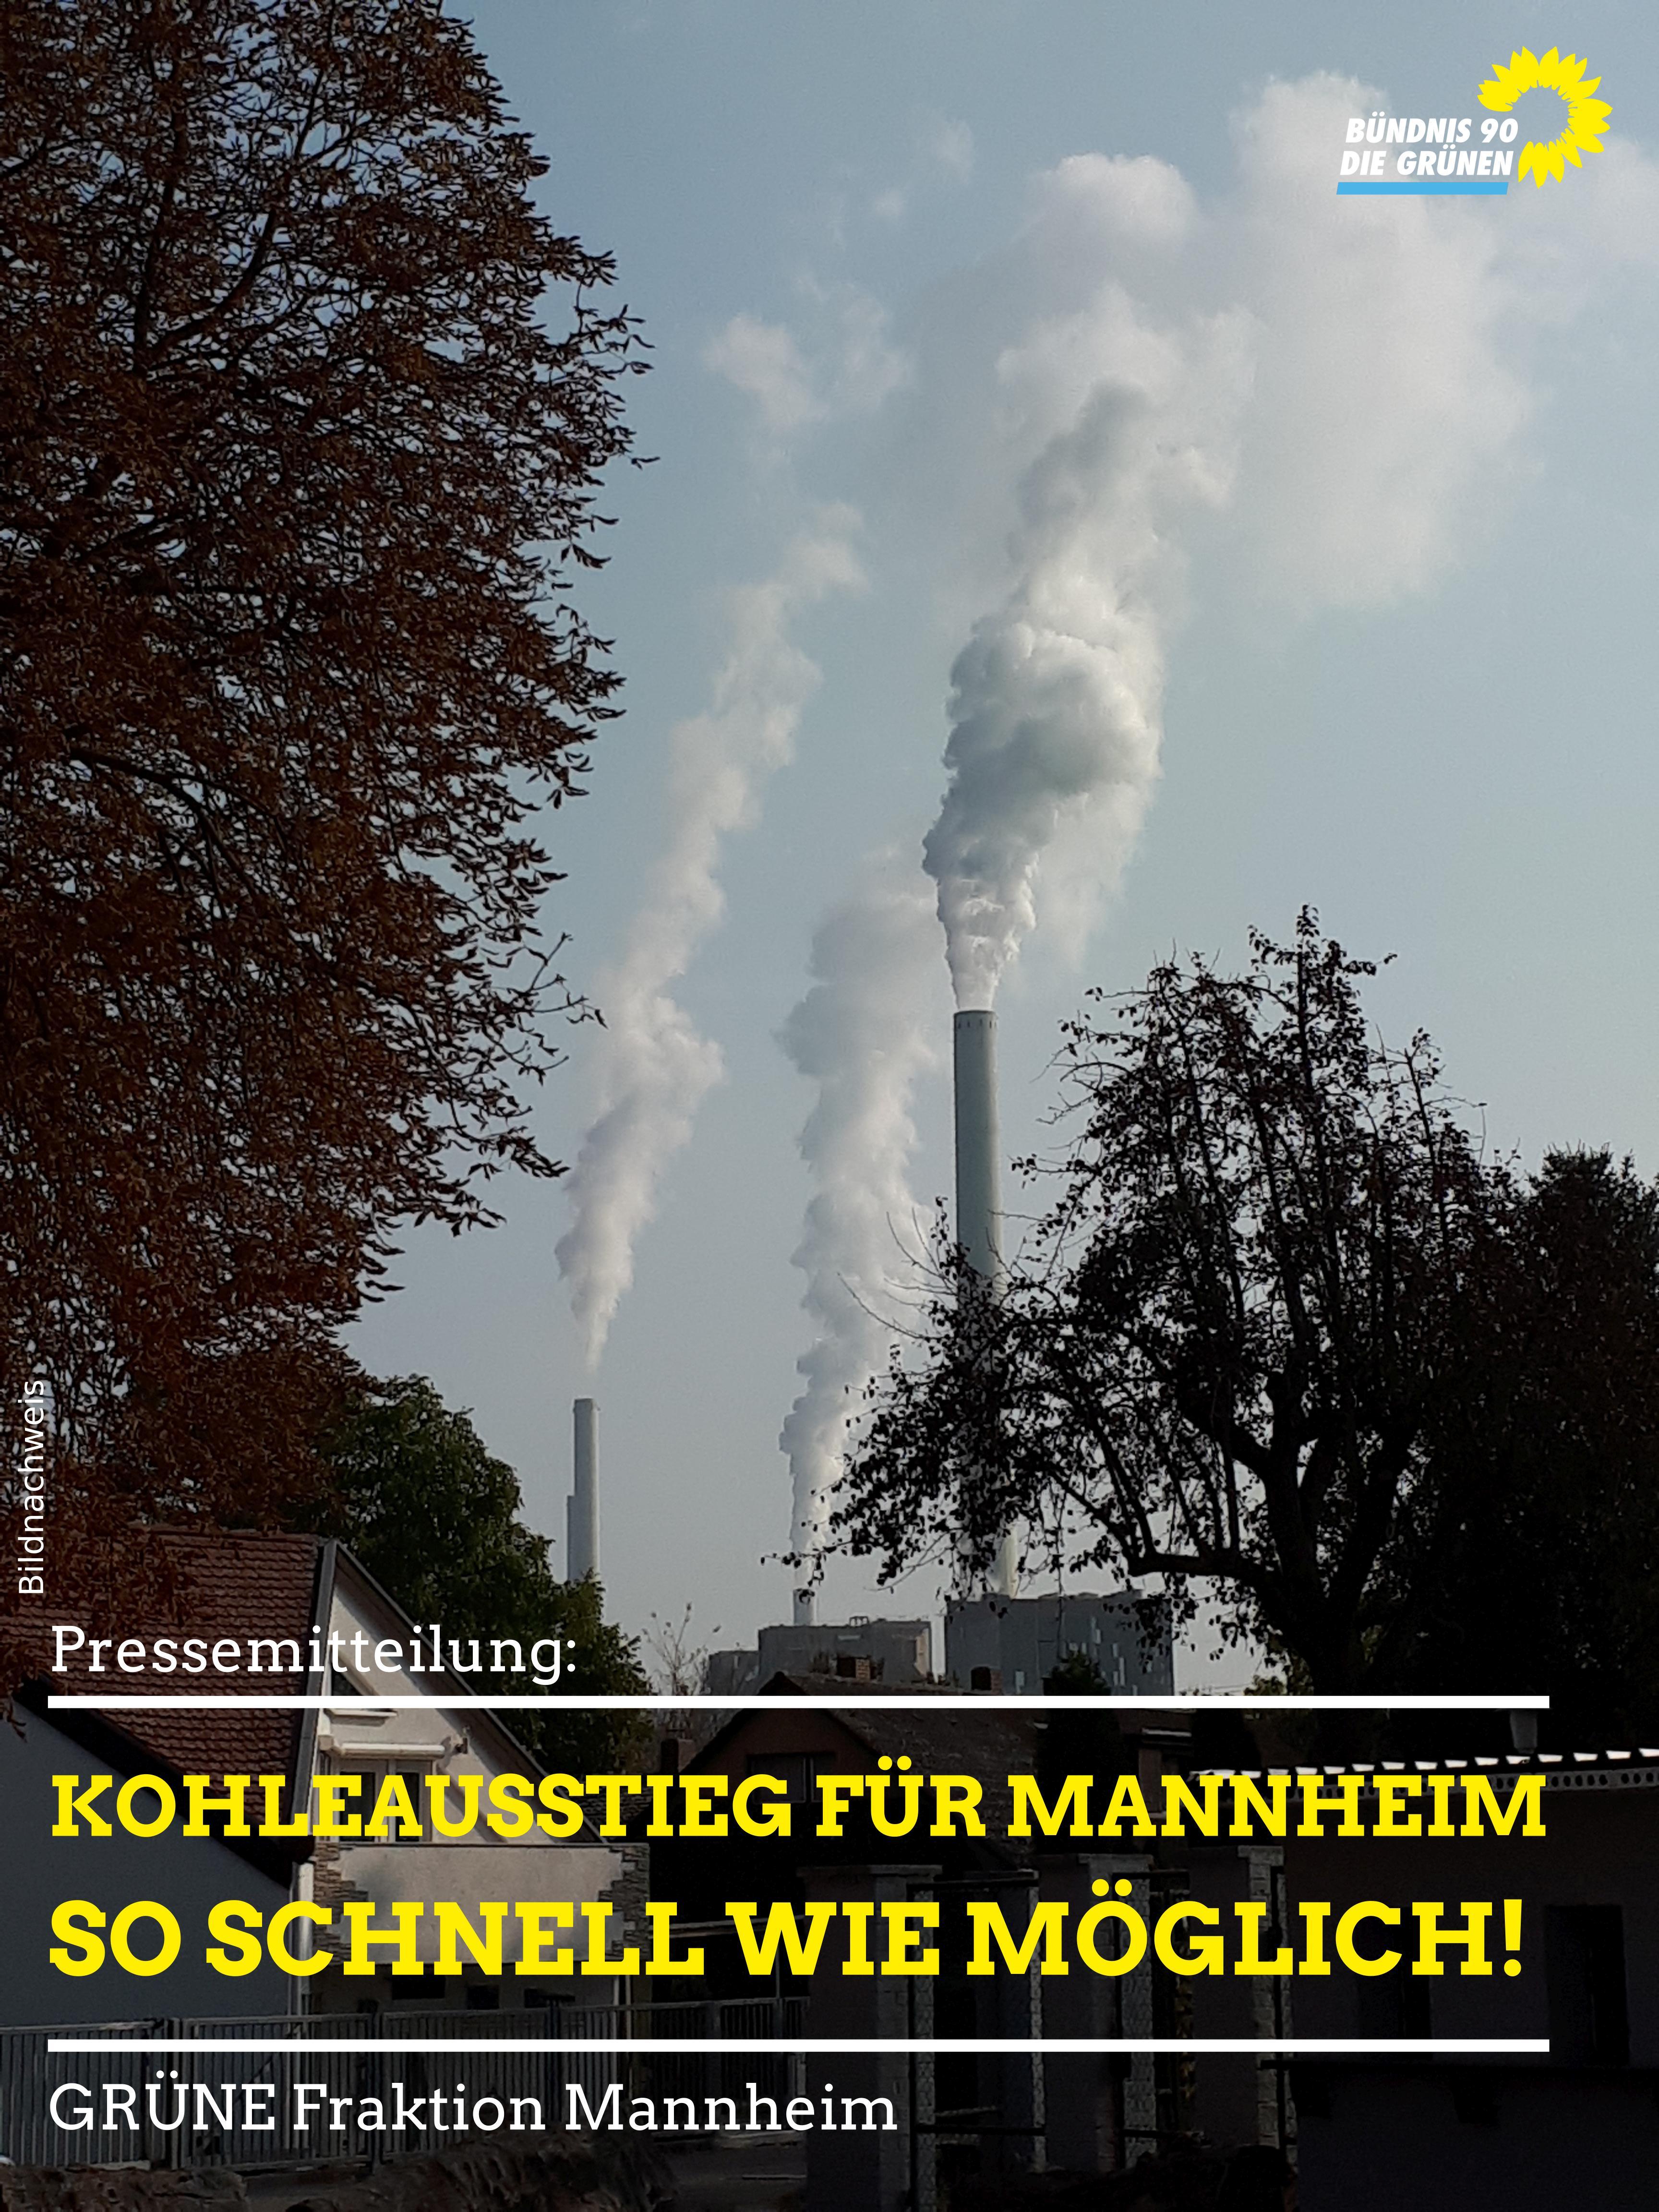 GKM - Kohleausstieg für Mannheim